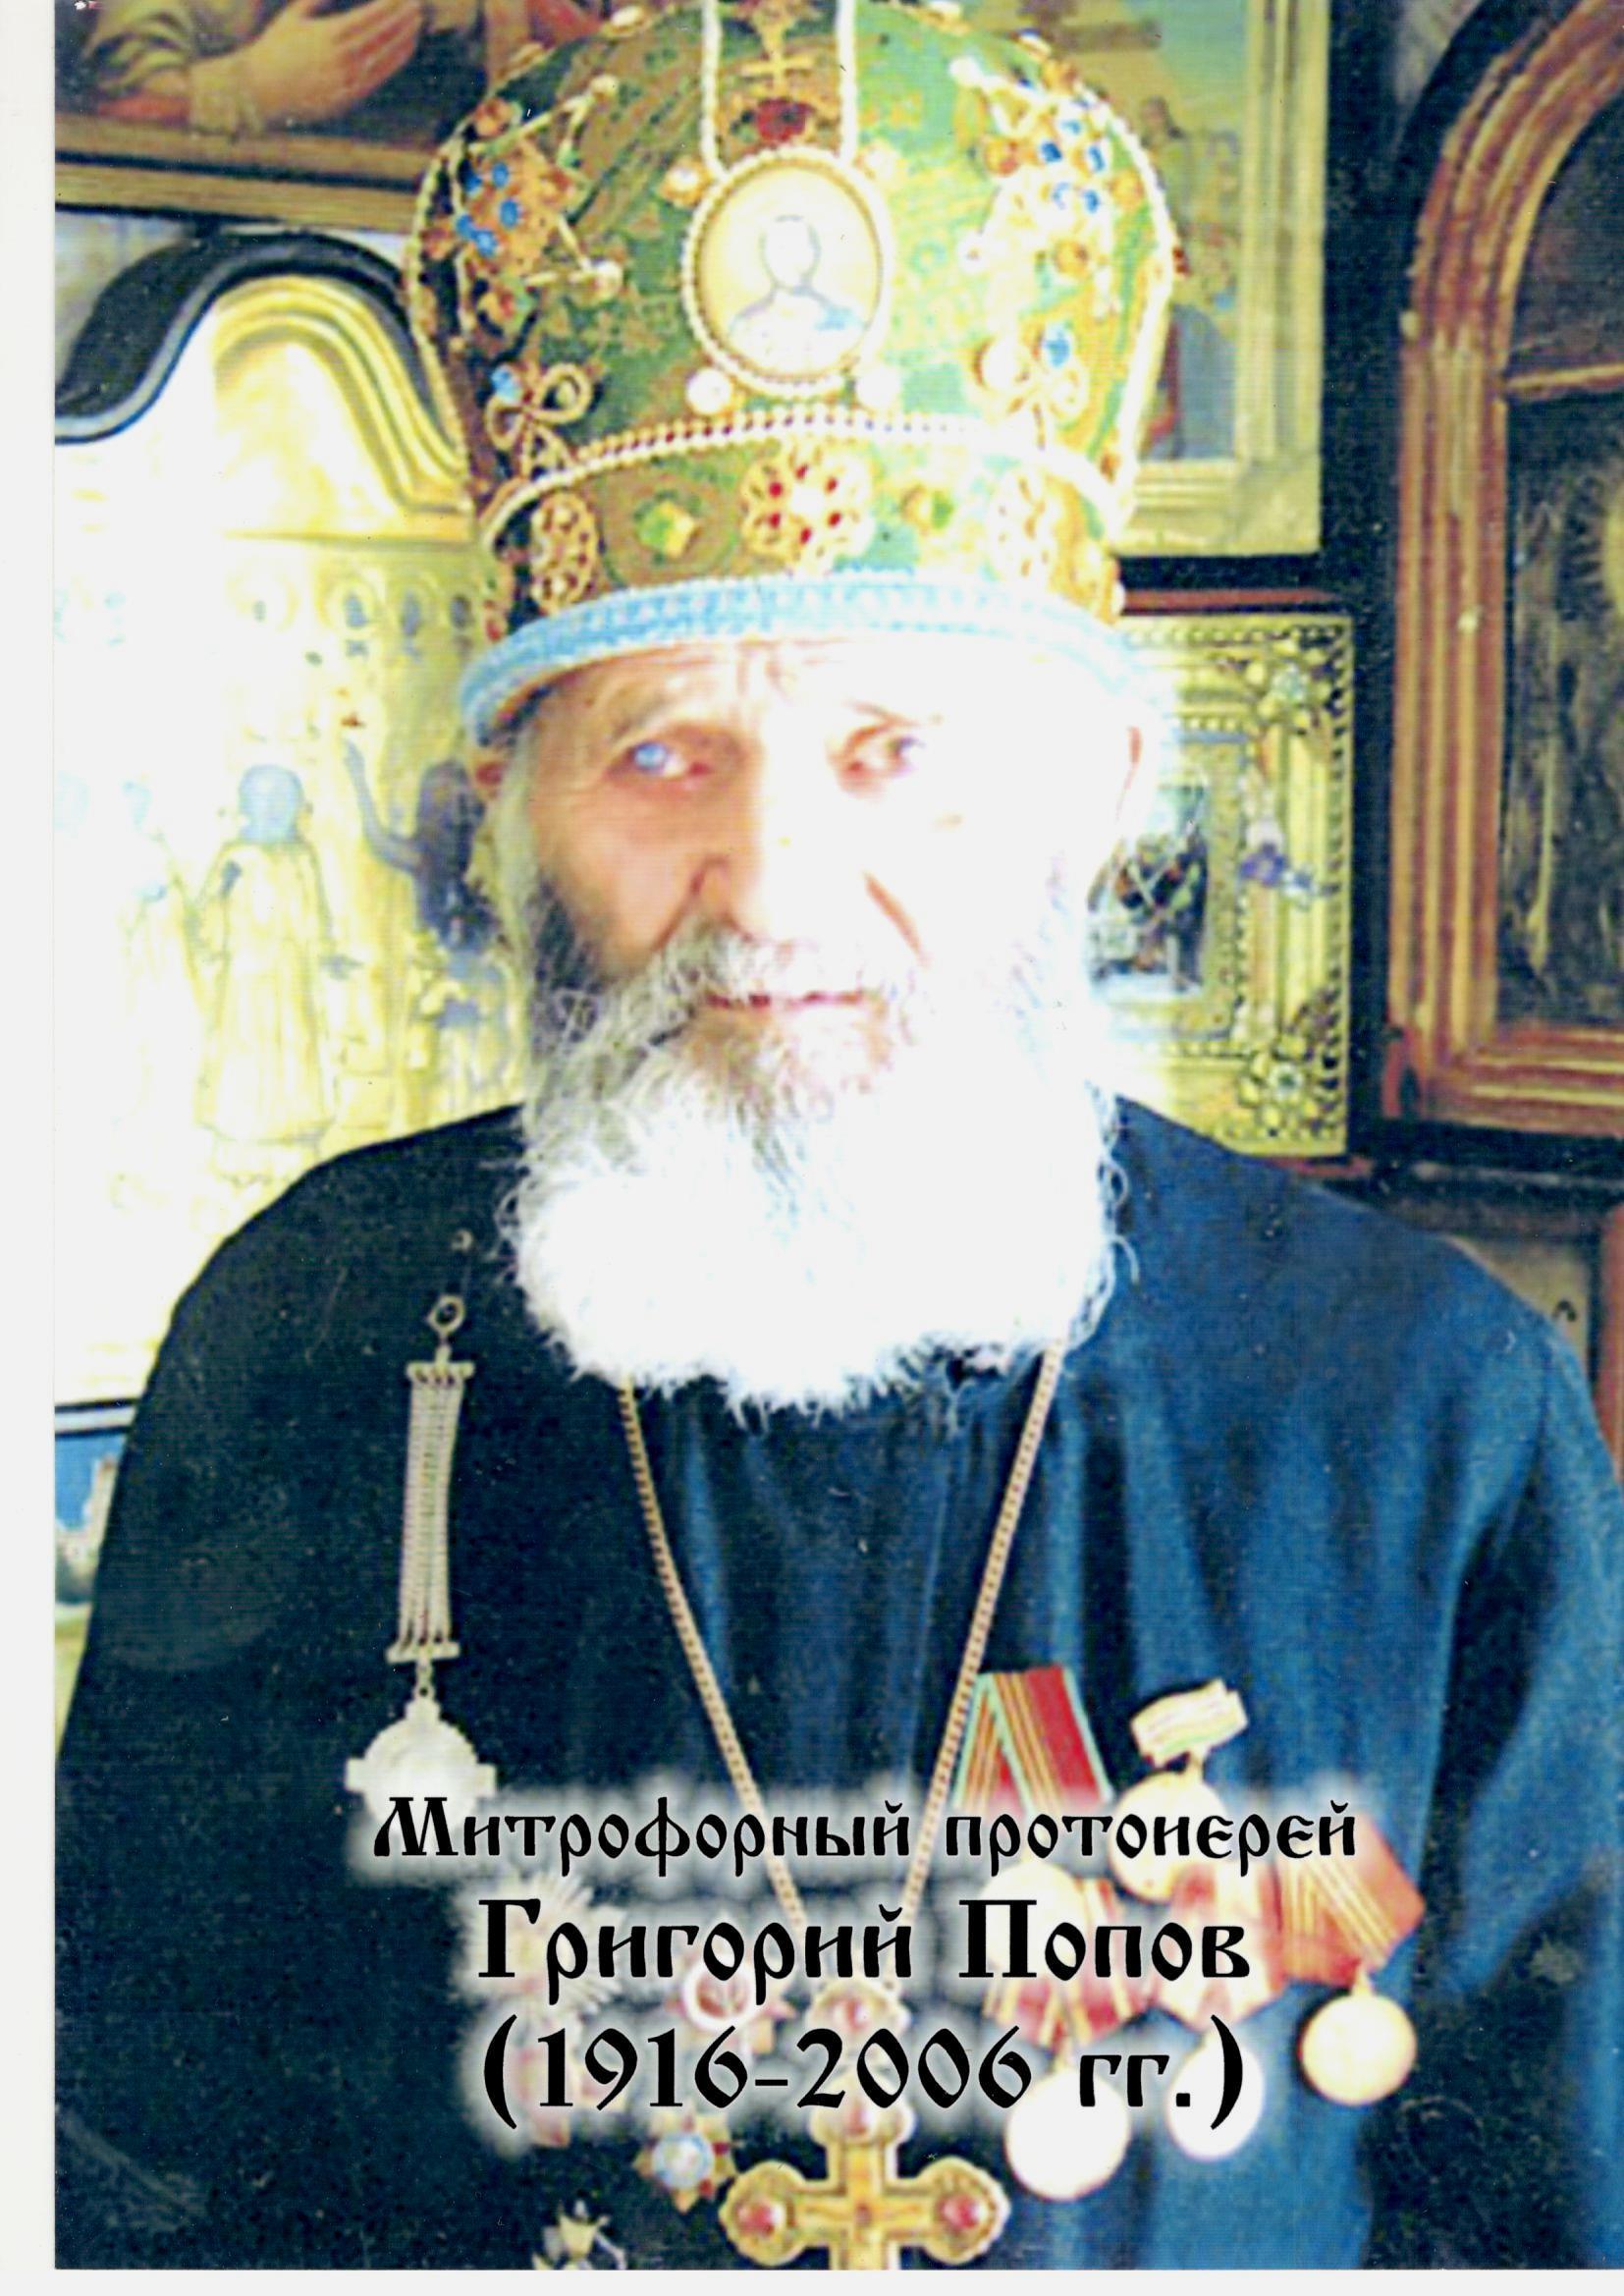 Митрофорный протоиерей Григорий Попов